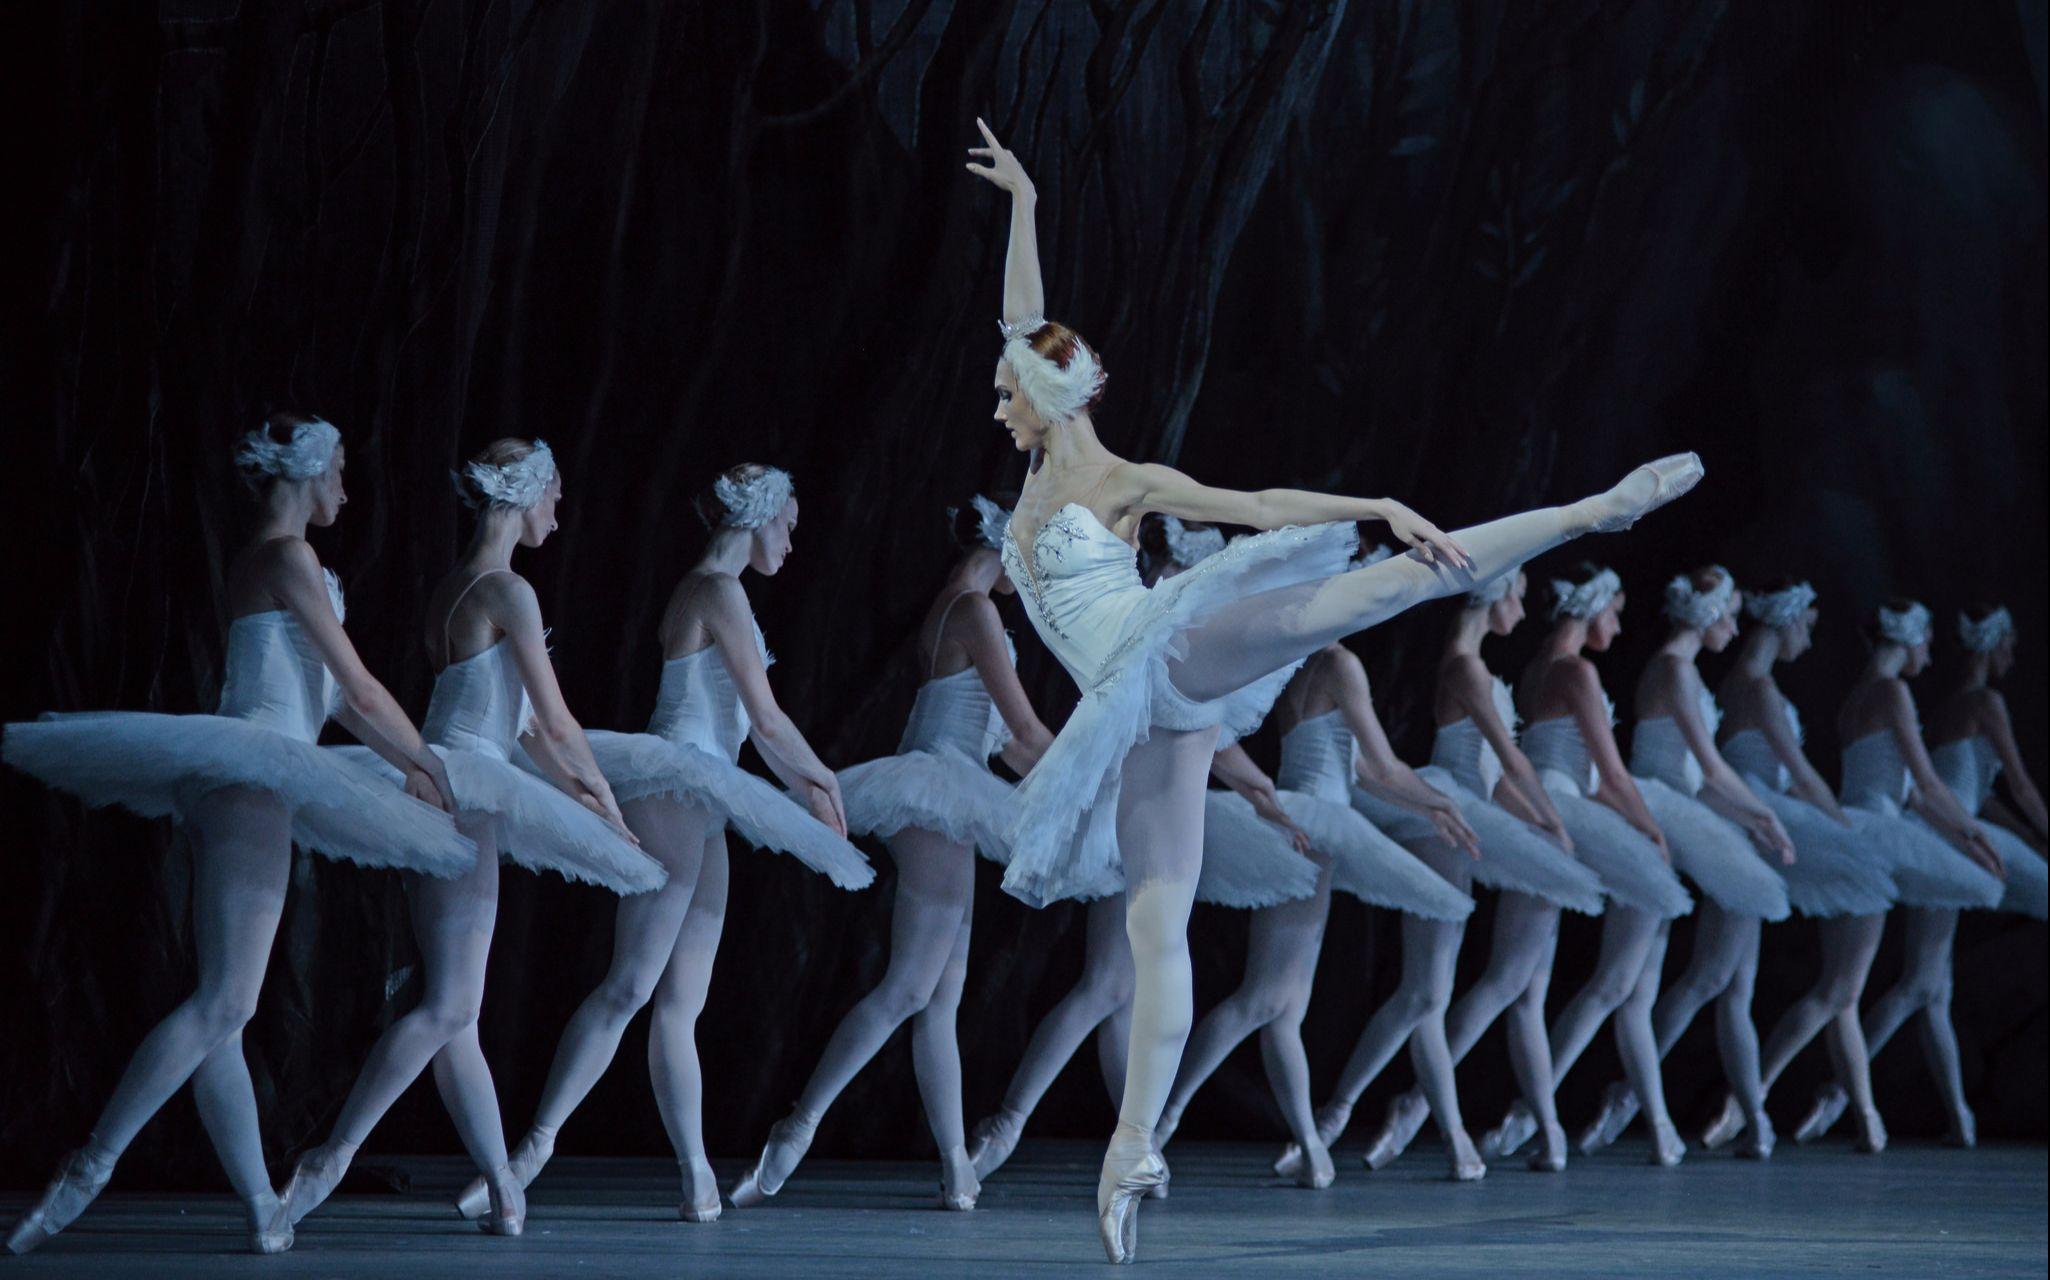 色情 芭蕾